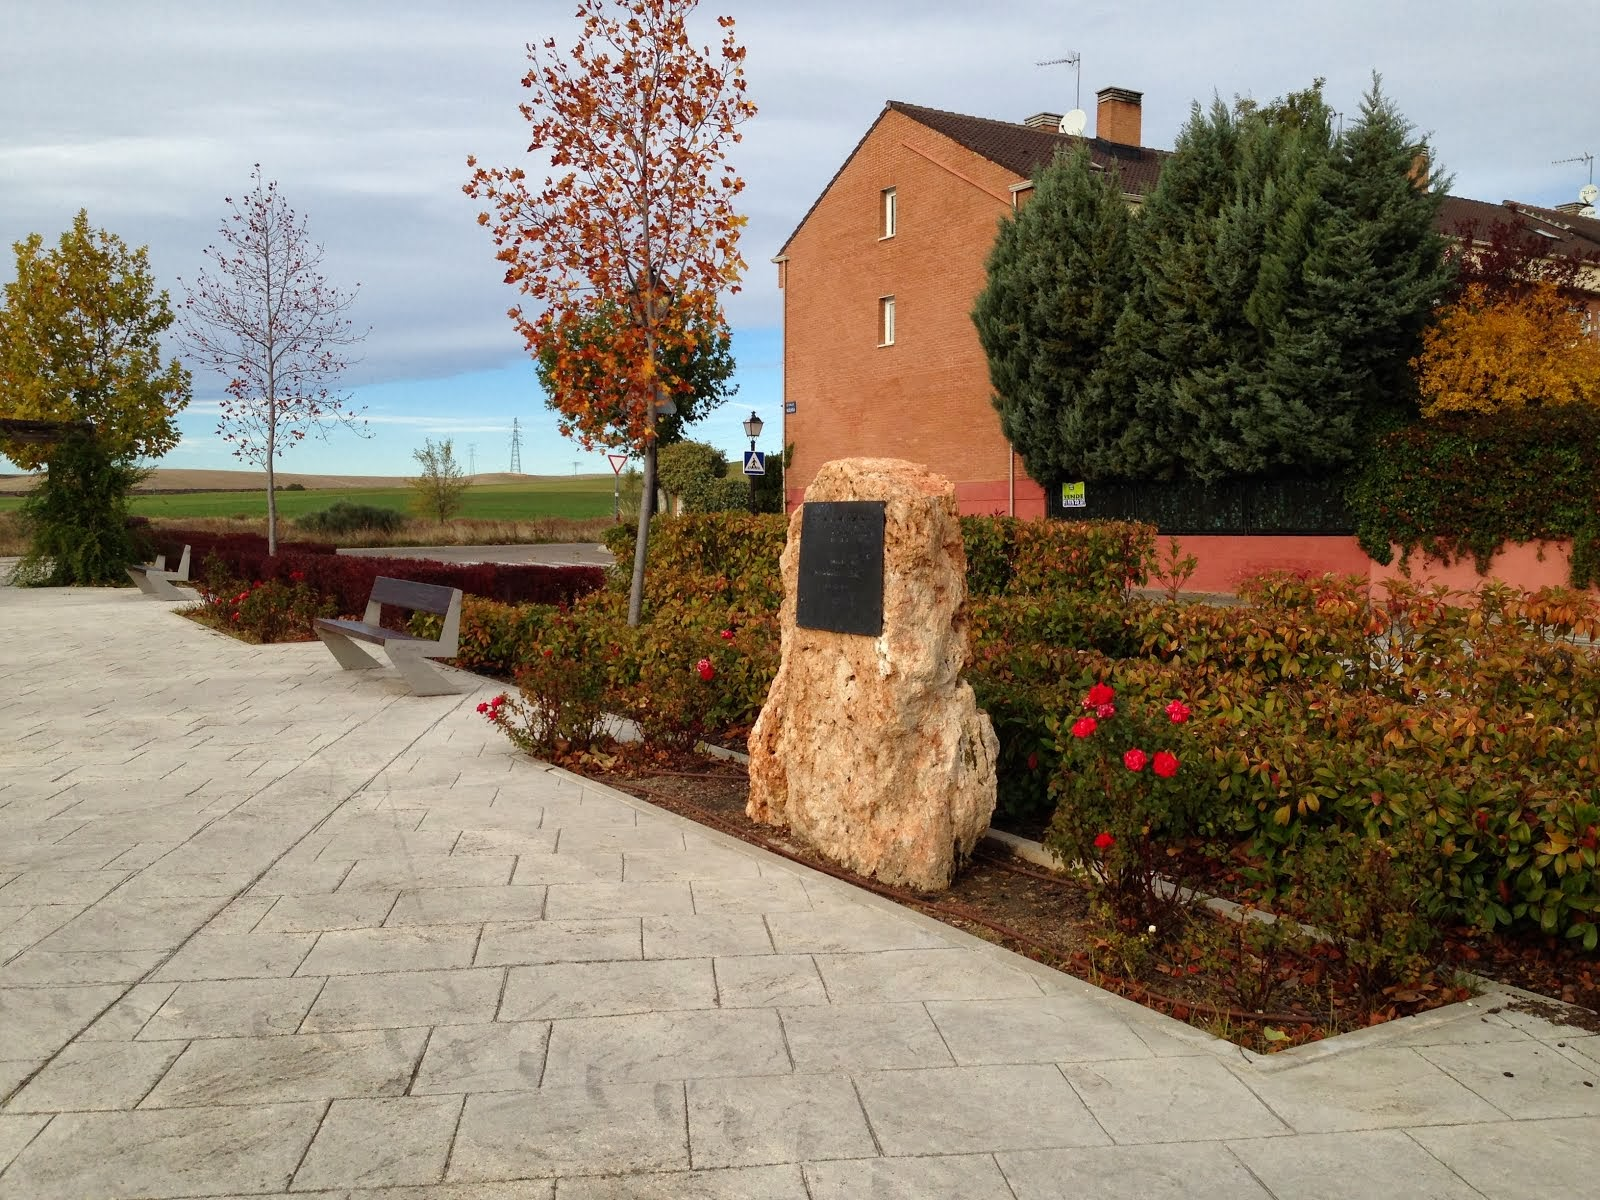 Monumento en el Parque 11 de Marzo